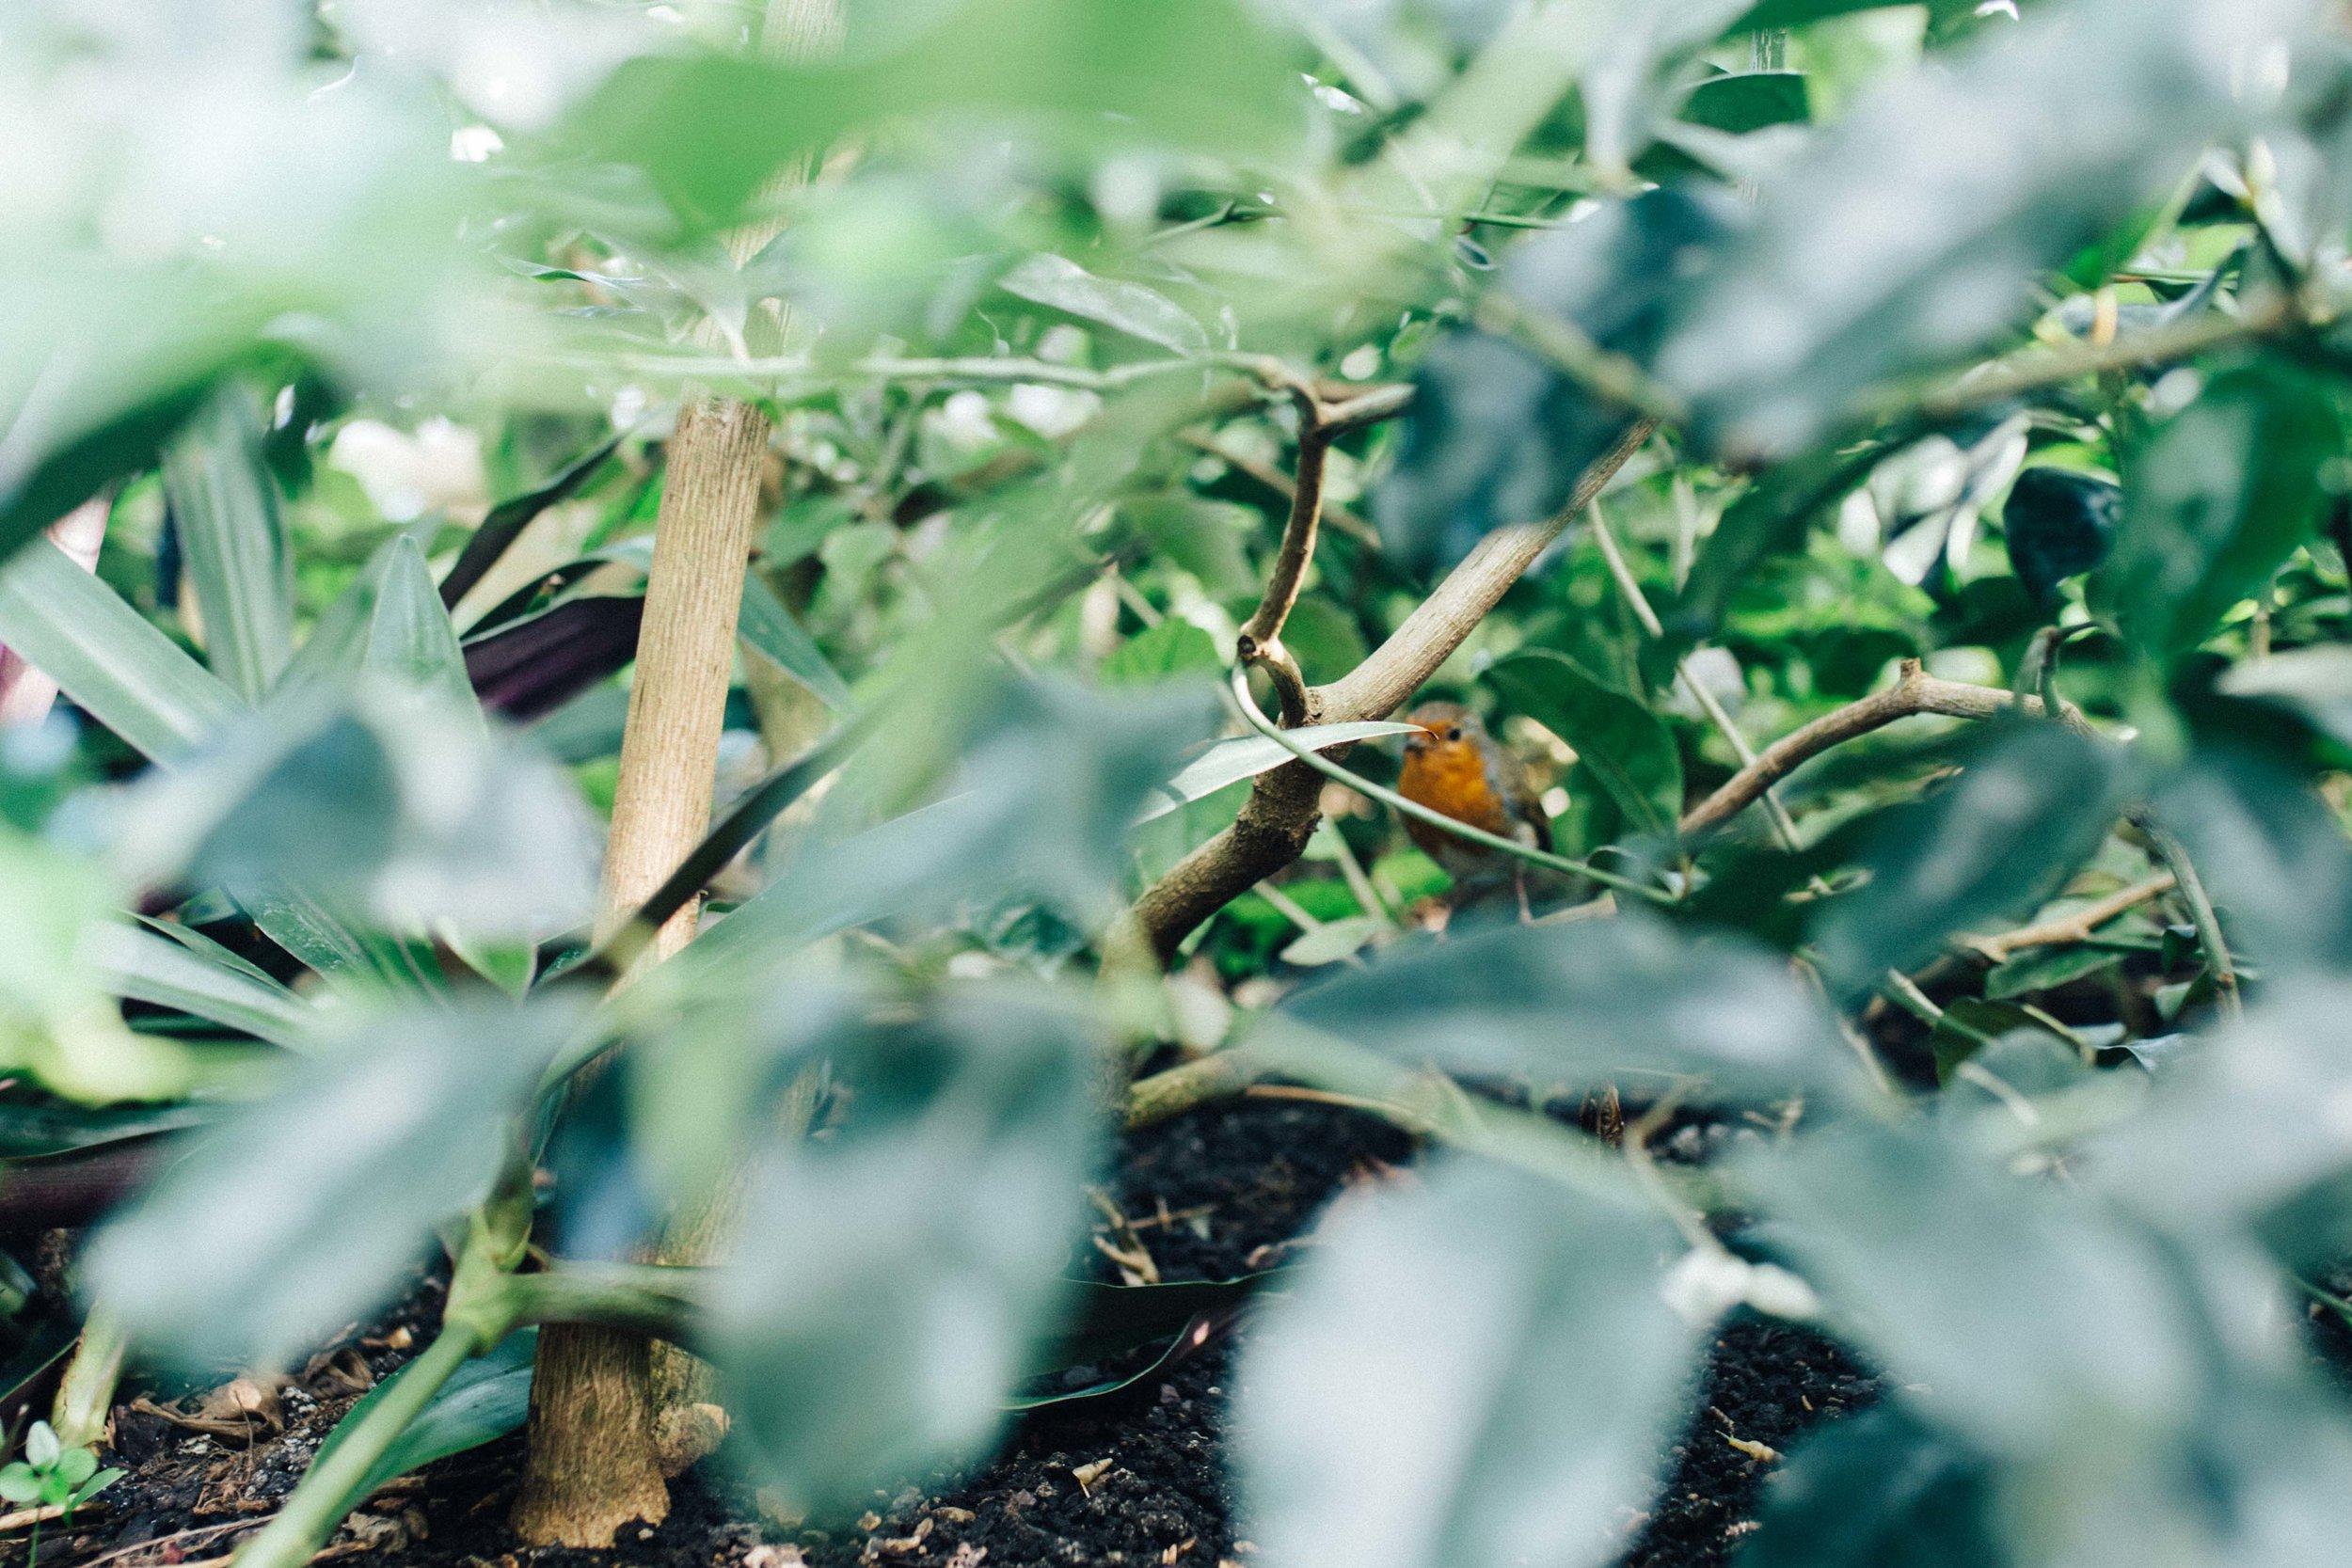 Robin spotted amongst plants in Kew Gardens, London